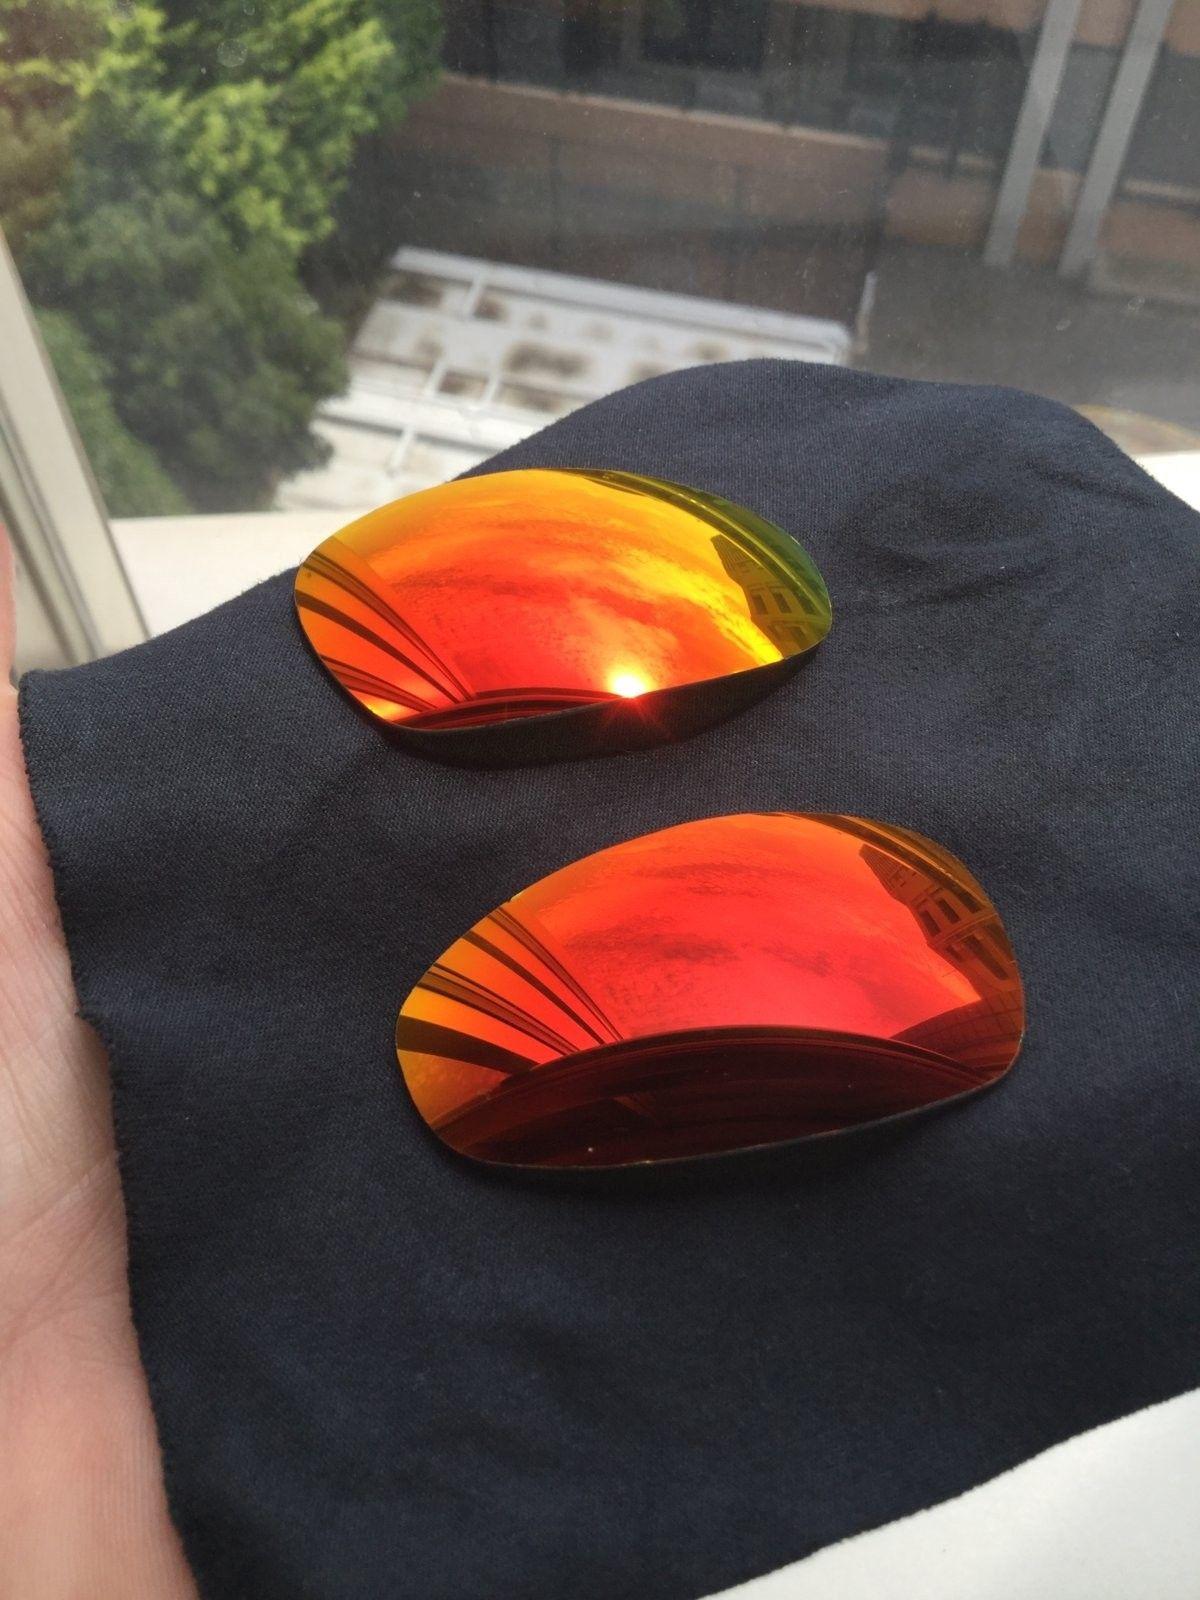 Juliet Fire Lens: First Gen Color - IMG_3819.JPG